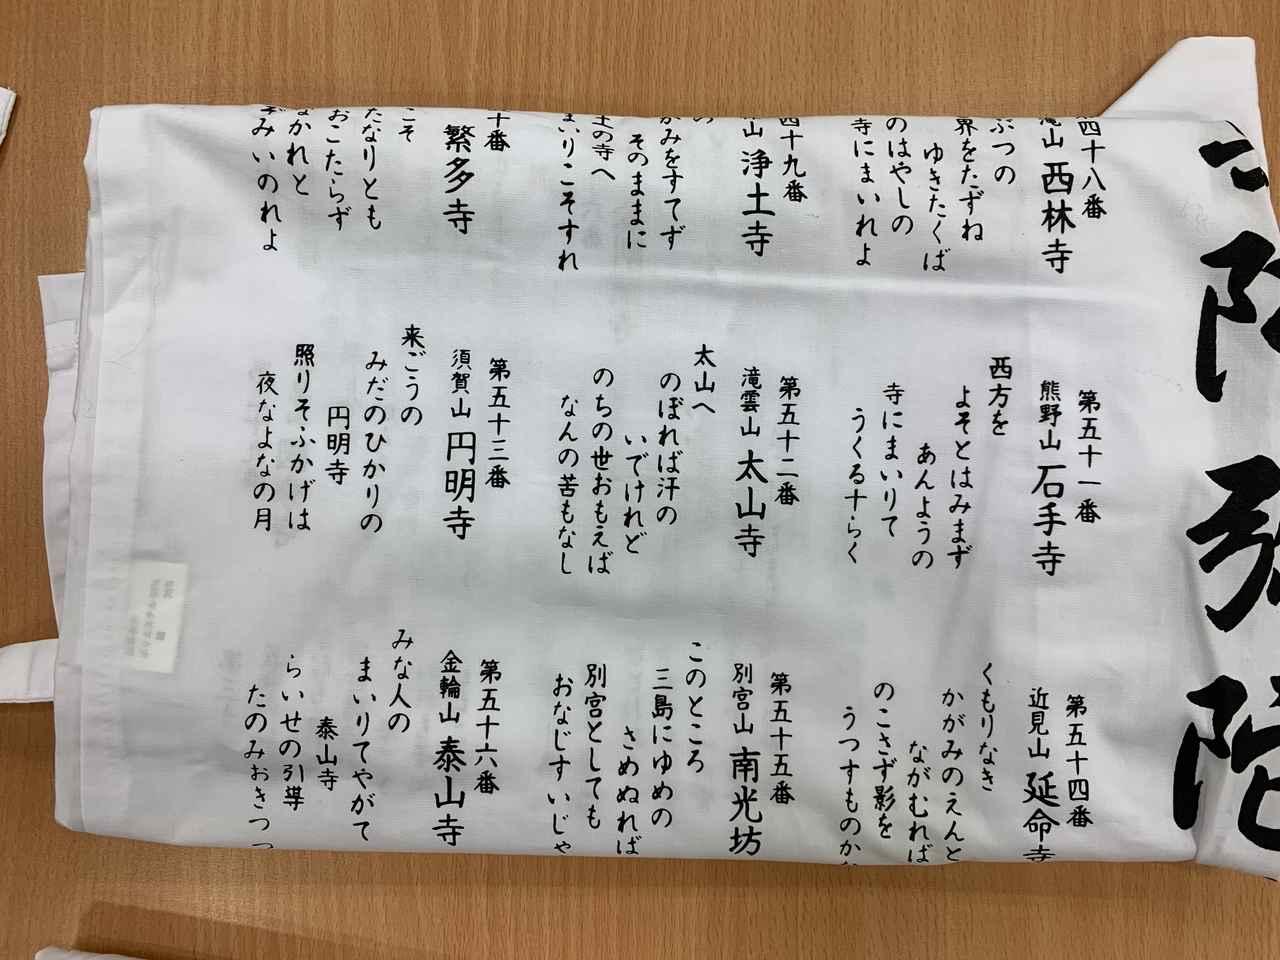 画像: 【拡大】細かく書かれた文字は全寺の御詠歌が書かれています。